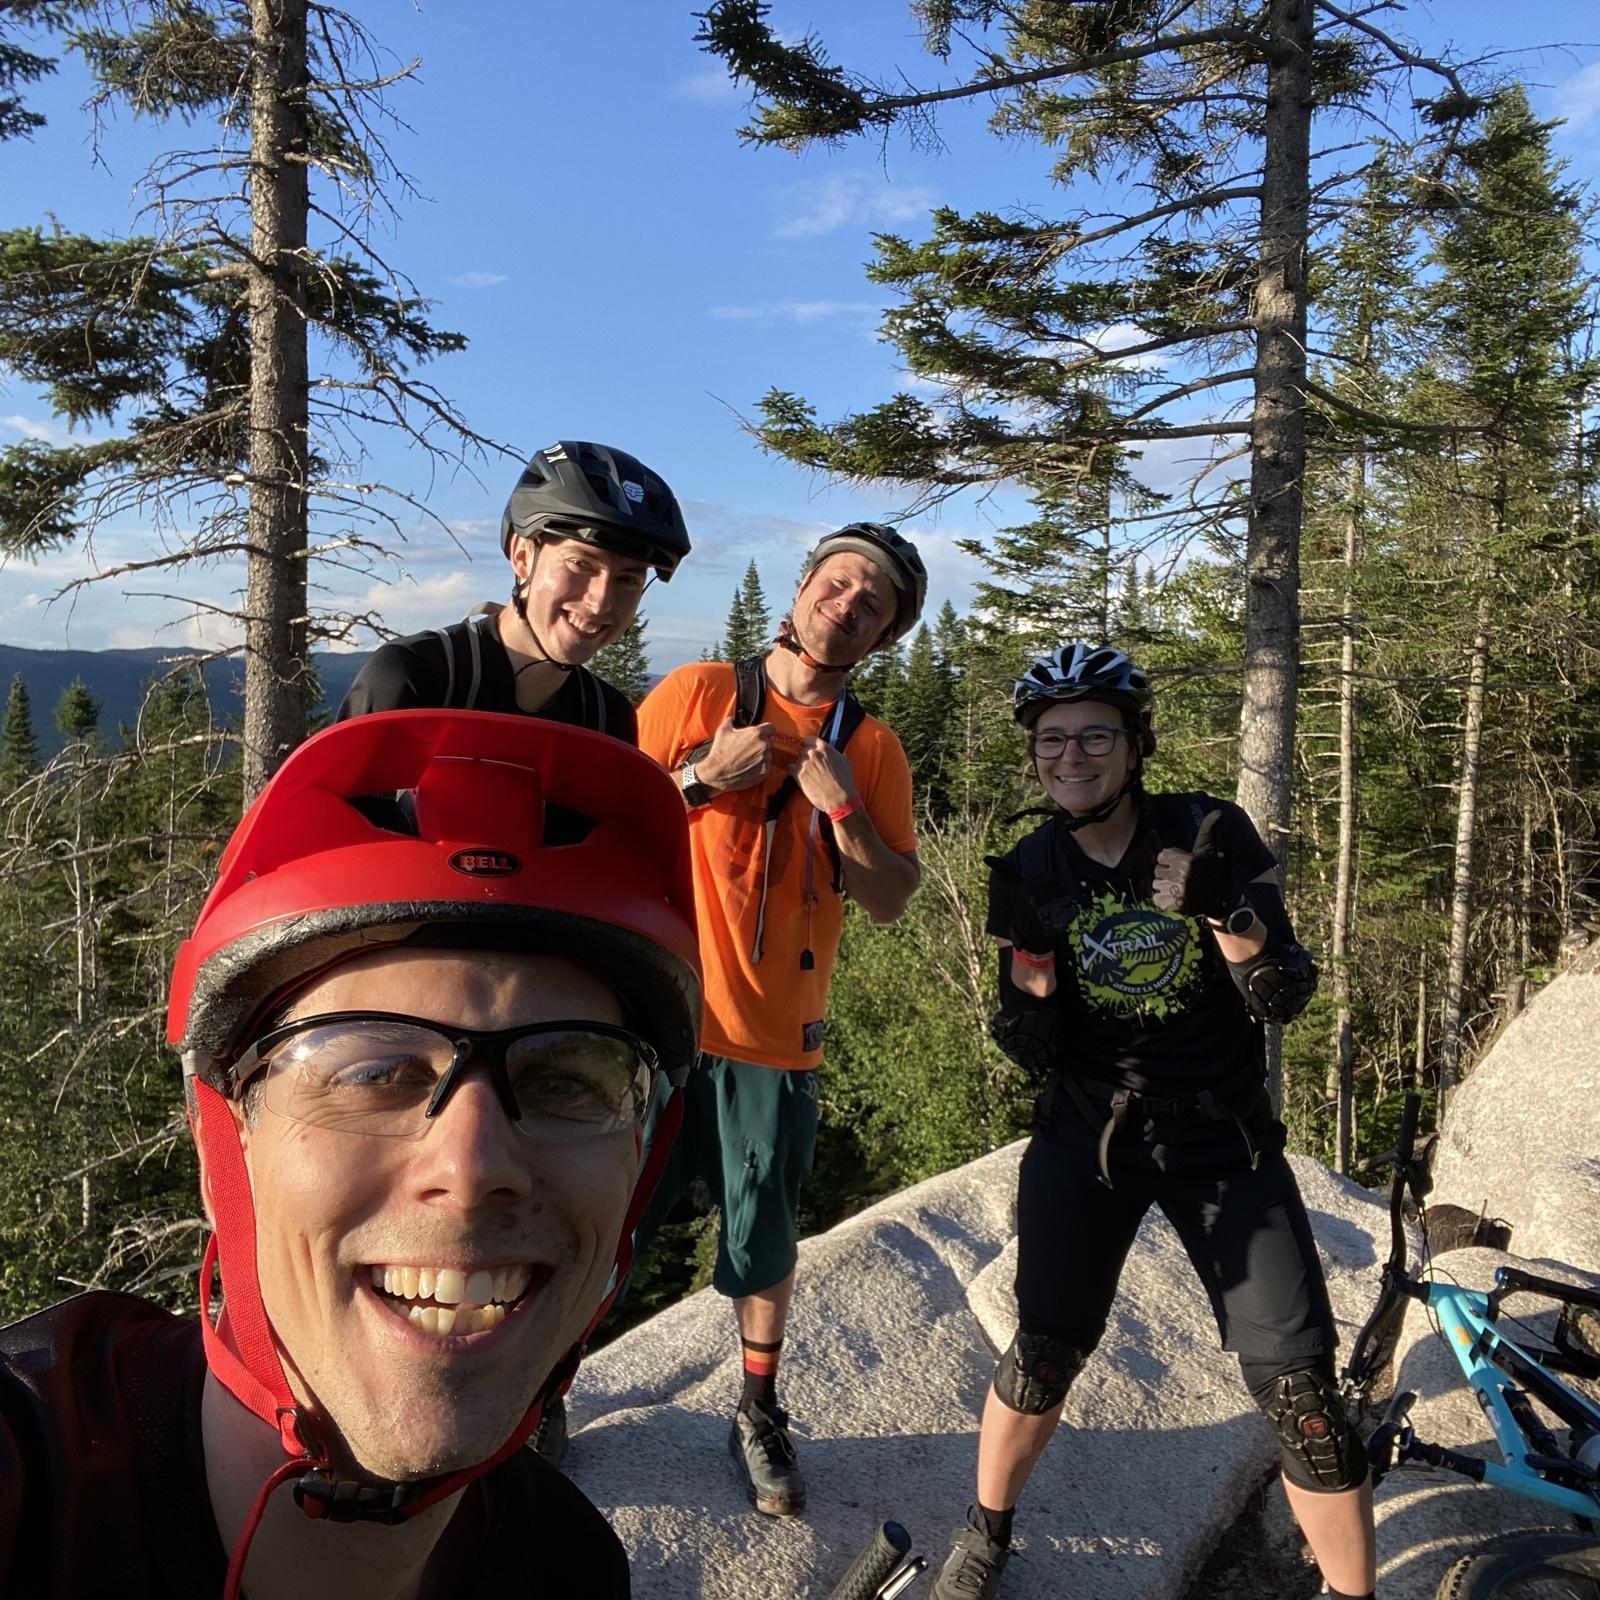 Le club MTB ride au sentiers du Moulin. Des humains awesome, la nature et des vélos, on peut rien demander de plus !